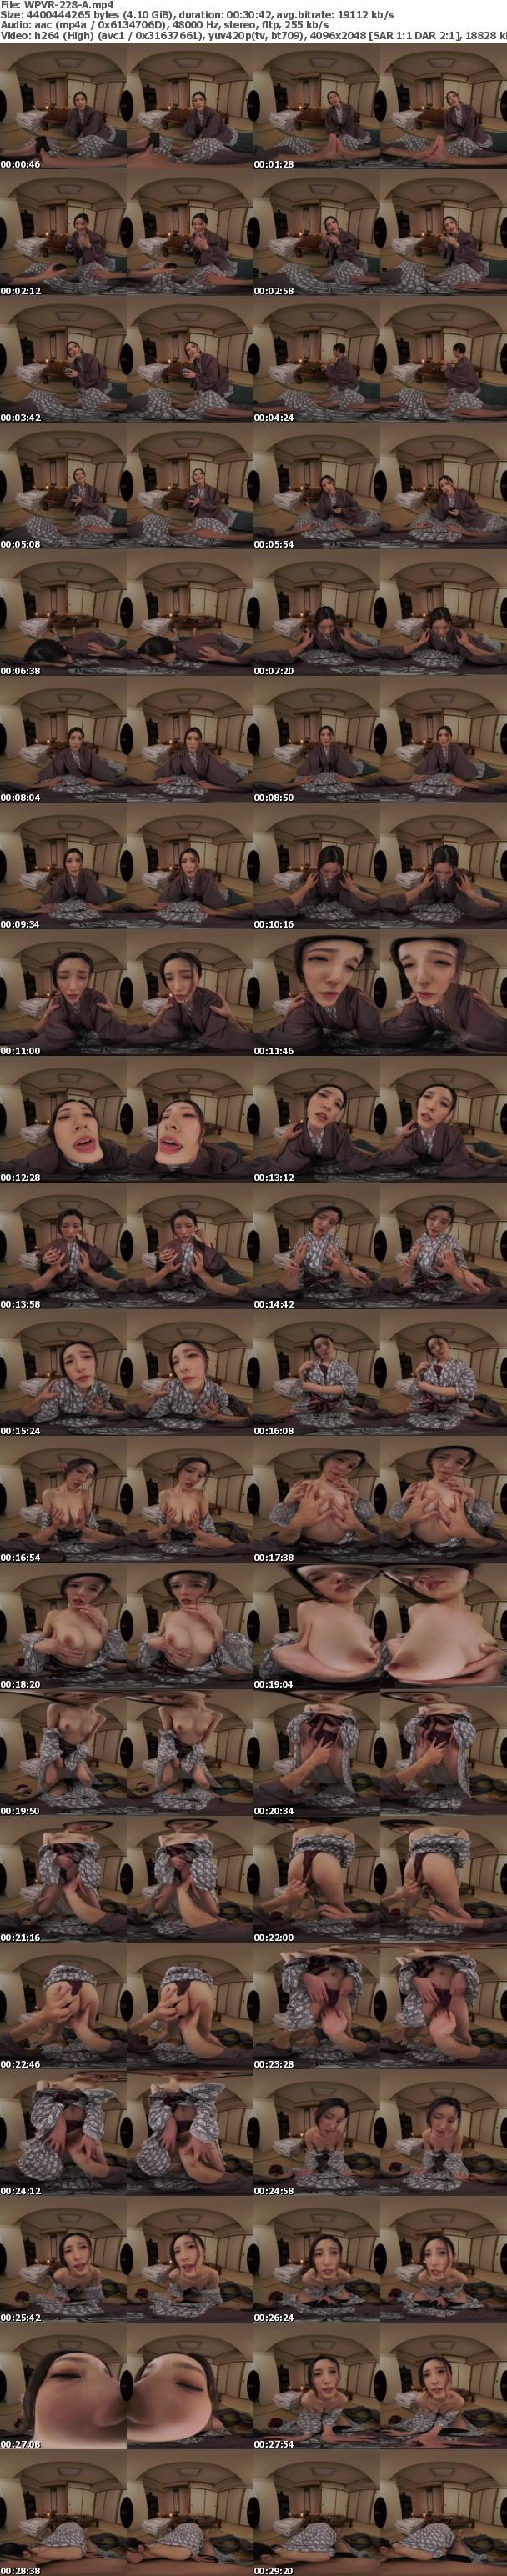 (VR) WPVR-228 社員旅行の温泉宿で美人部下と声ガマン性交…でも宴会中に不倫で生はマズくない? 森沢かな